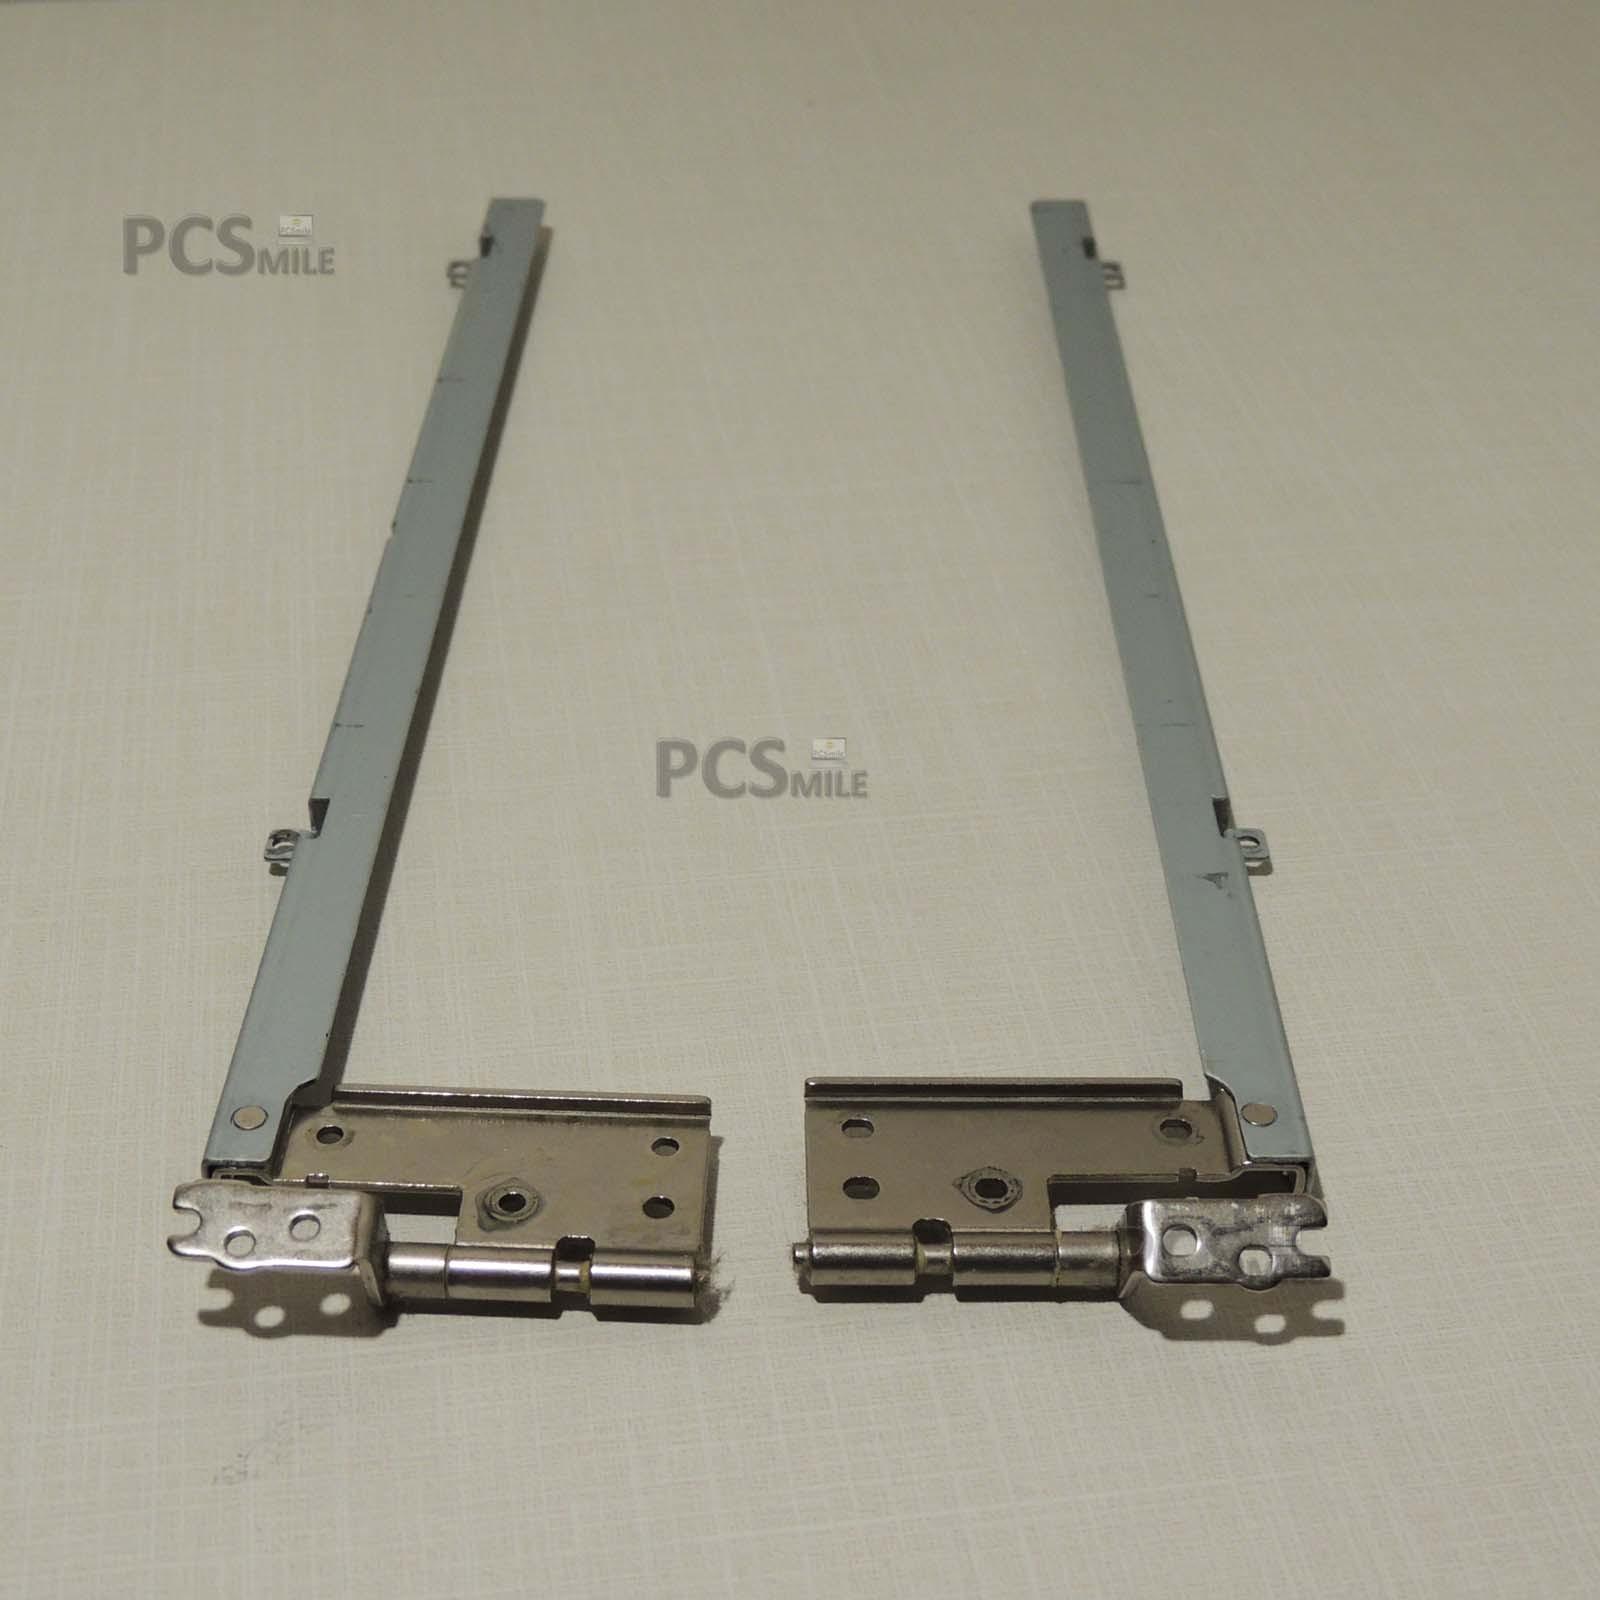 Cerniere Amilo PI2540 40GP55050-00 40GP55051-00 staffe display Fujitsu Siemens